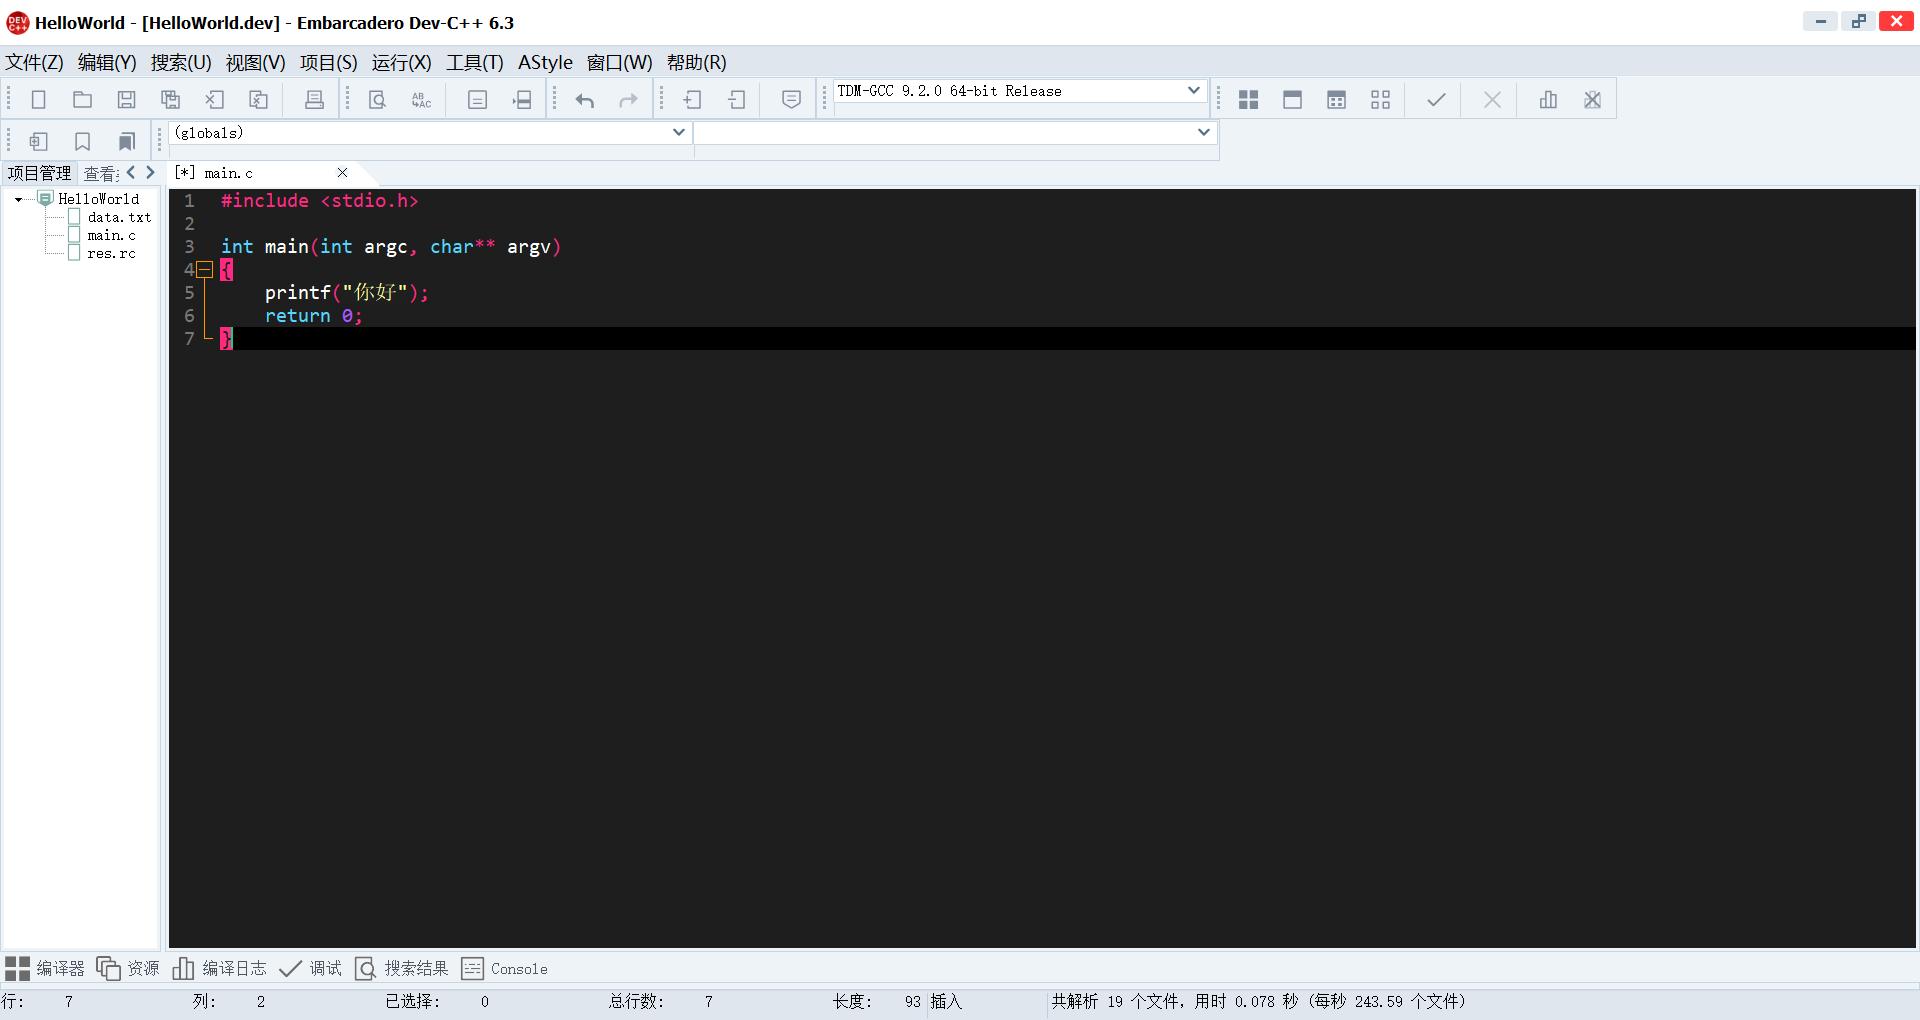 Embarcadero Dev-C++ v6.3 工作界面